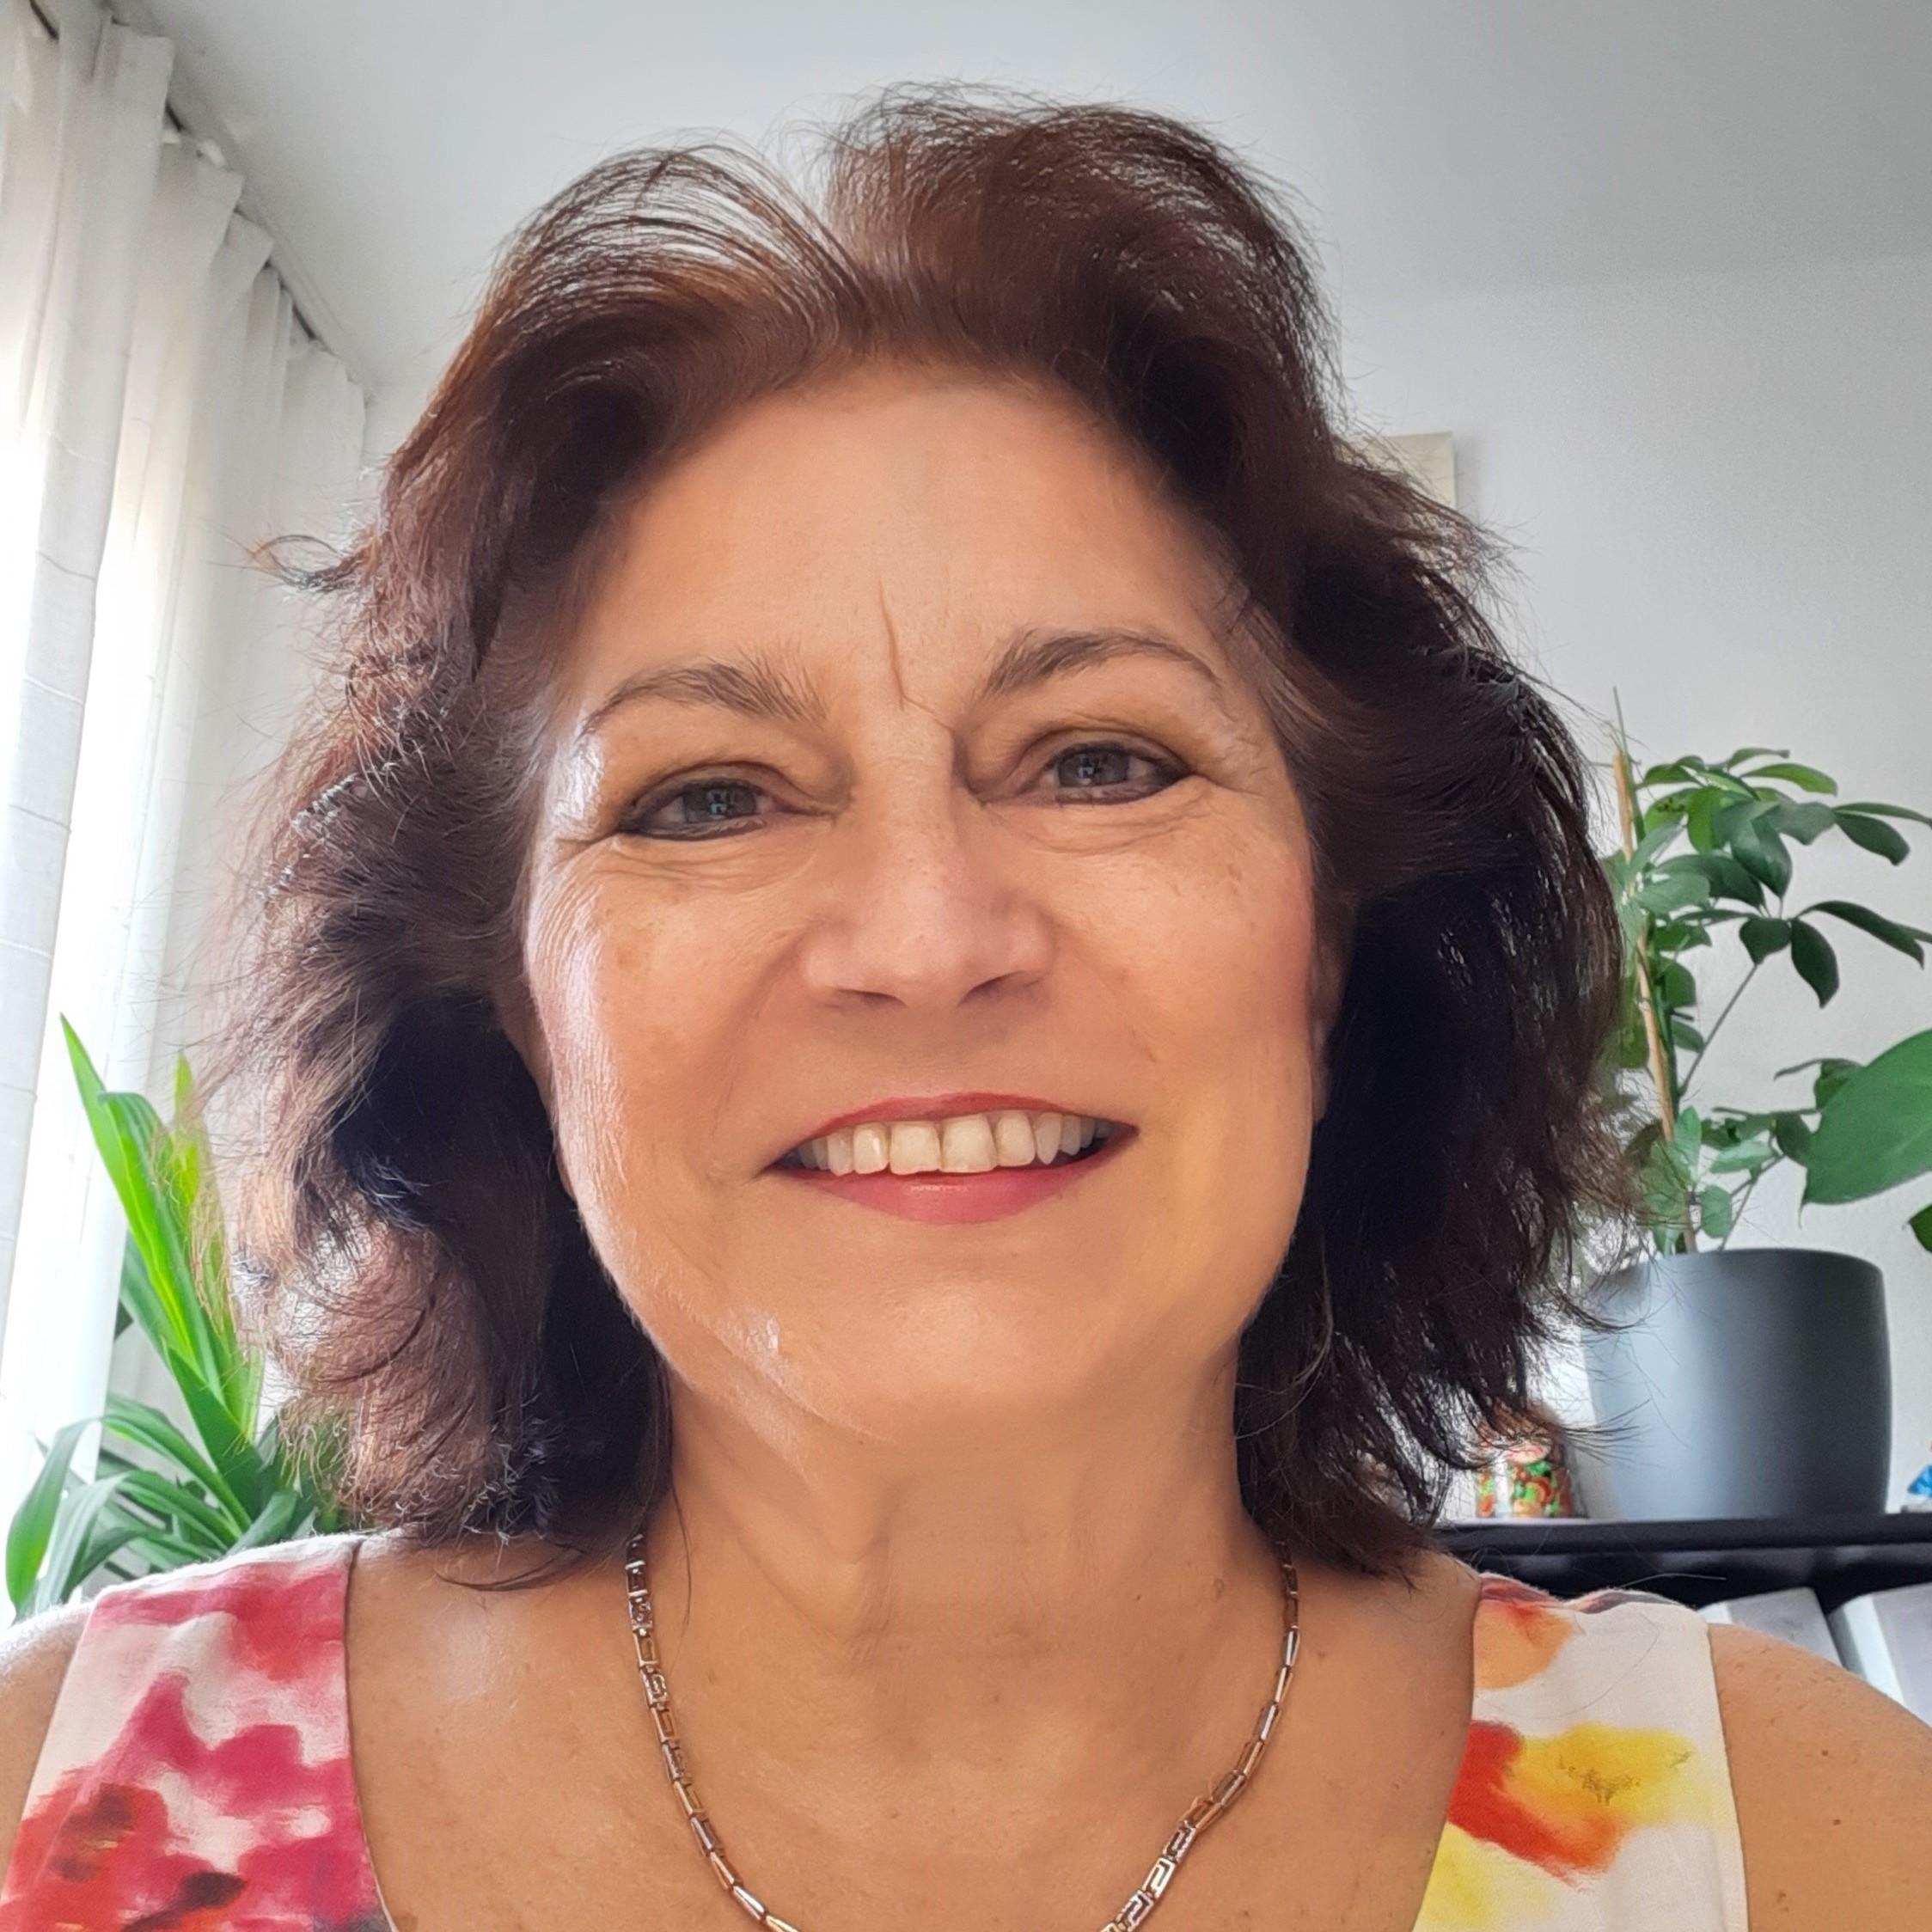 Wilma Lukas